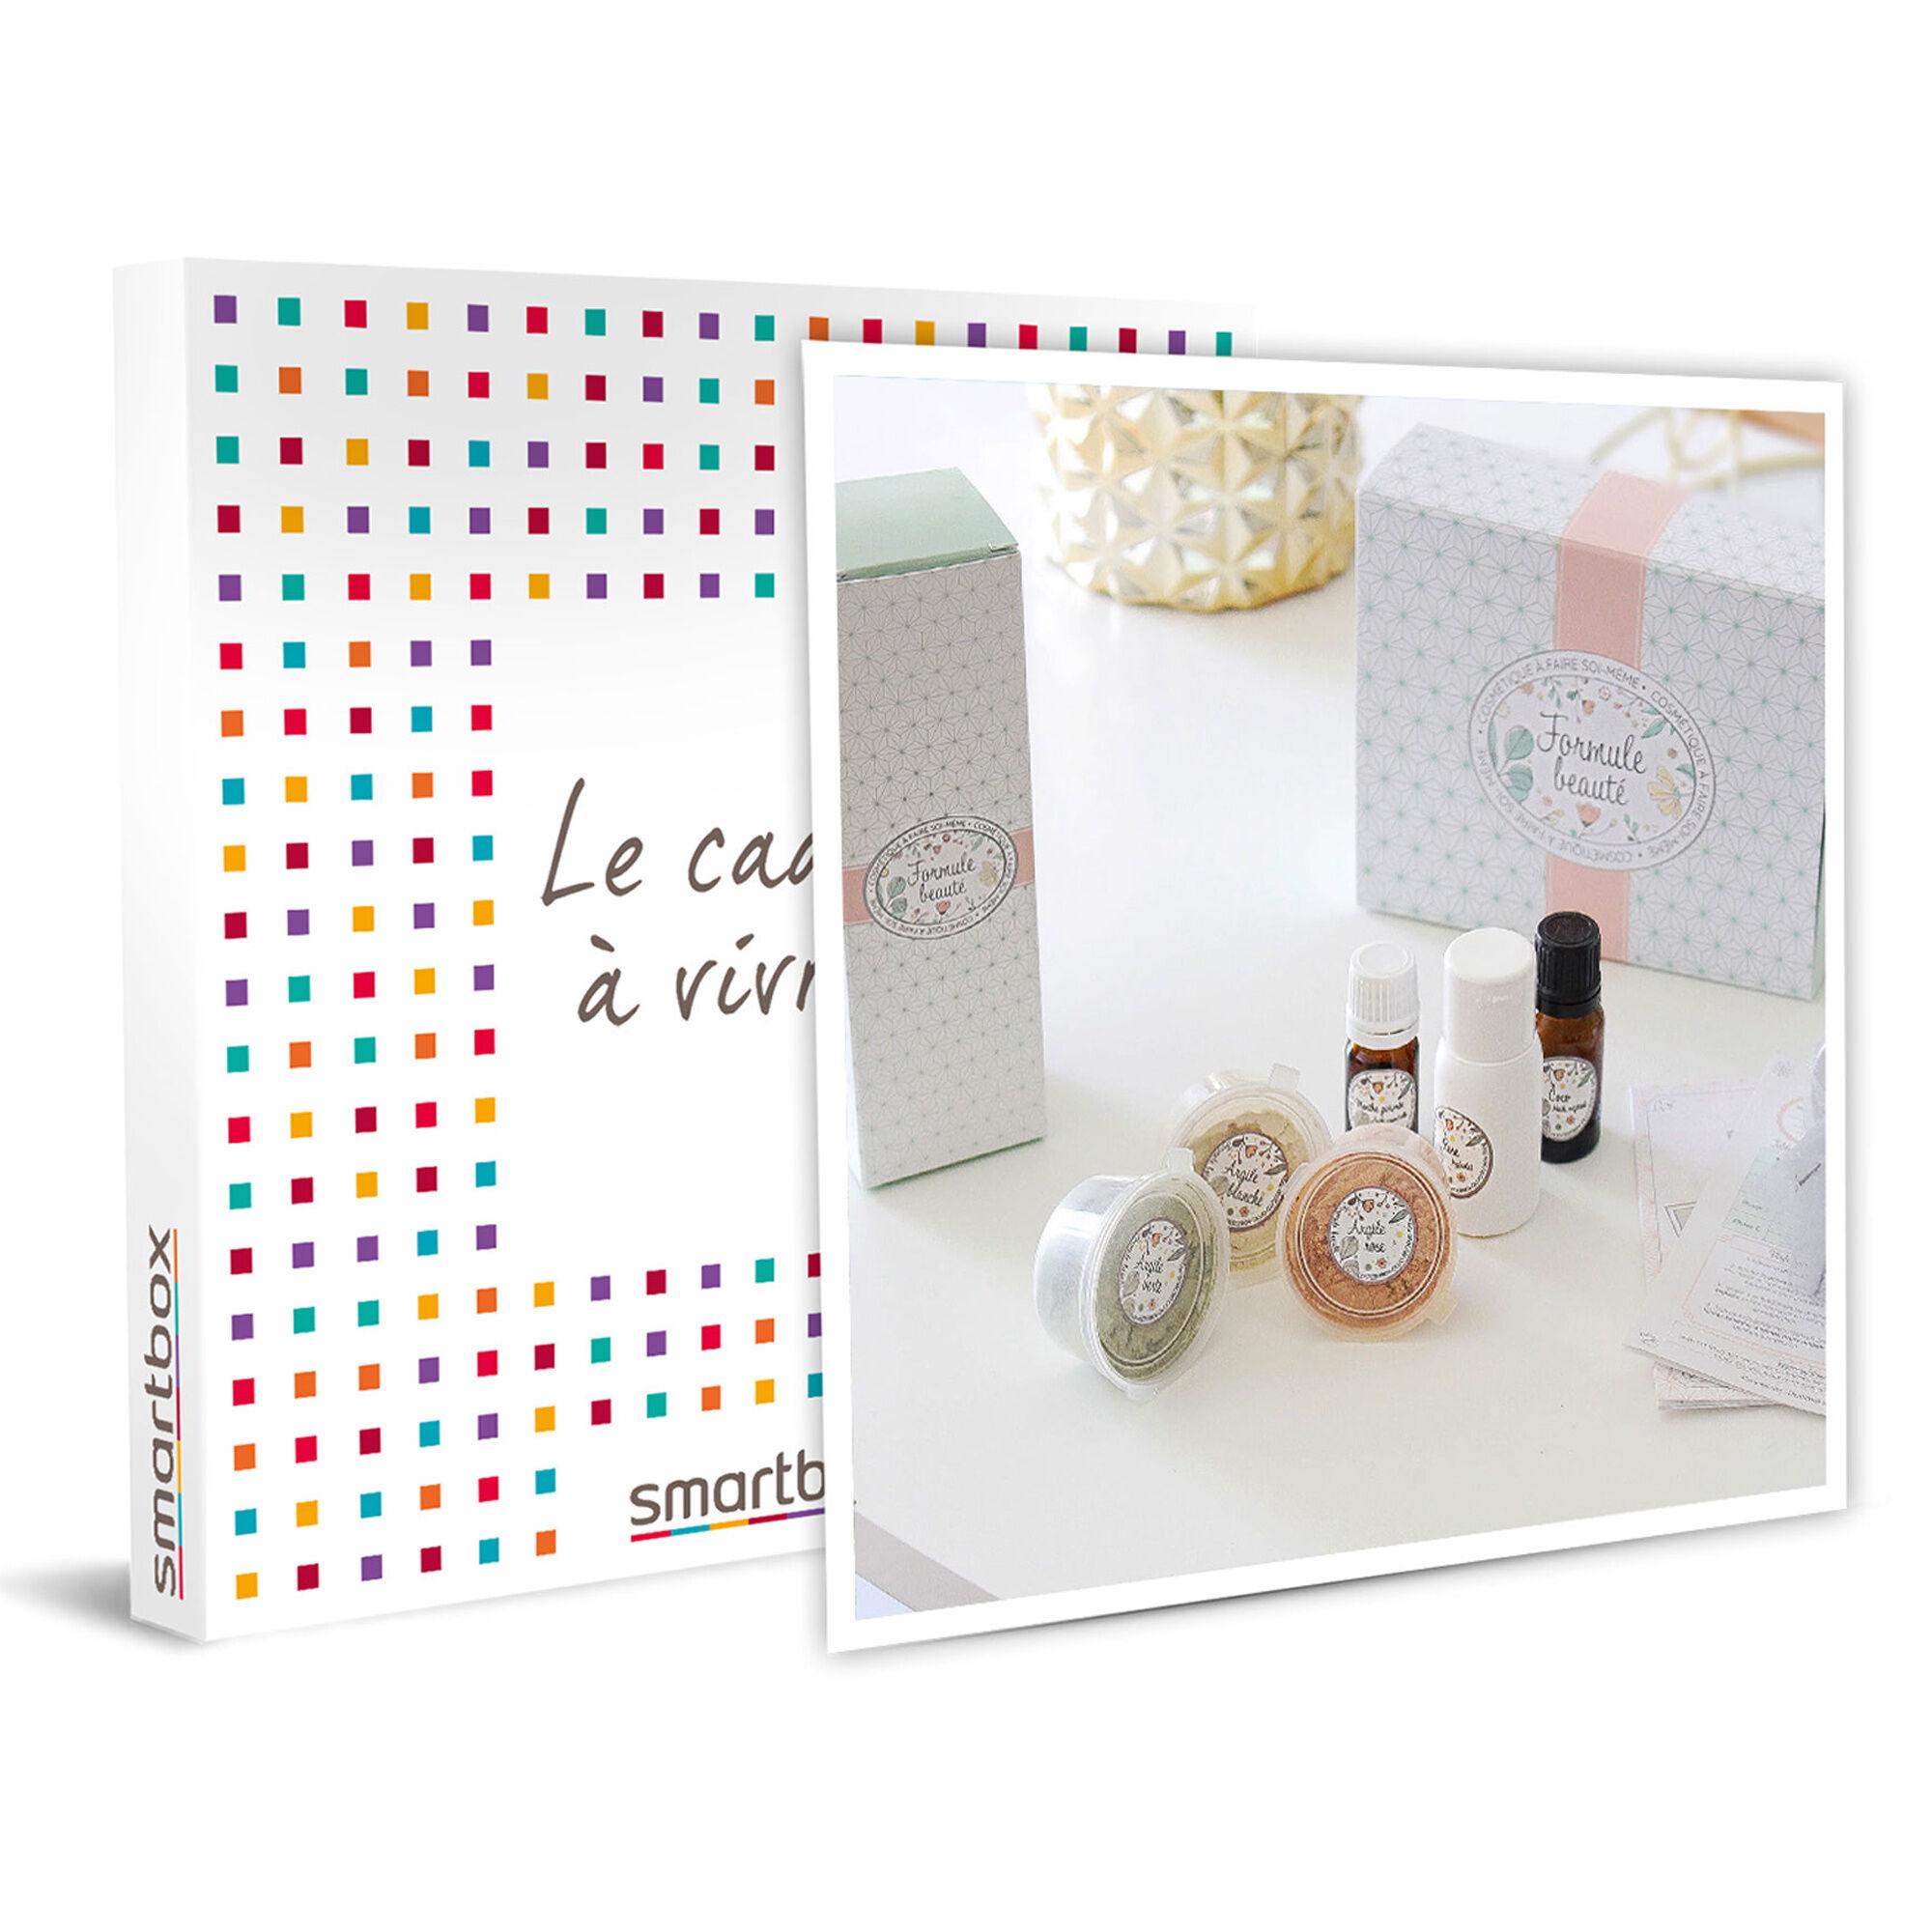 Smartbox Box de produits Formule Beauté bio à fabriquer soi-même Coffret cadeau Smartbox